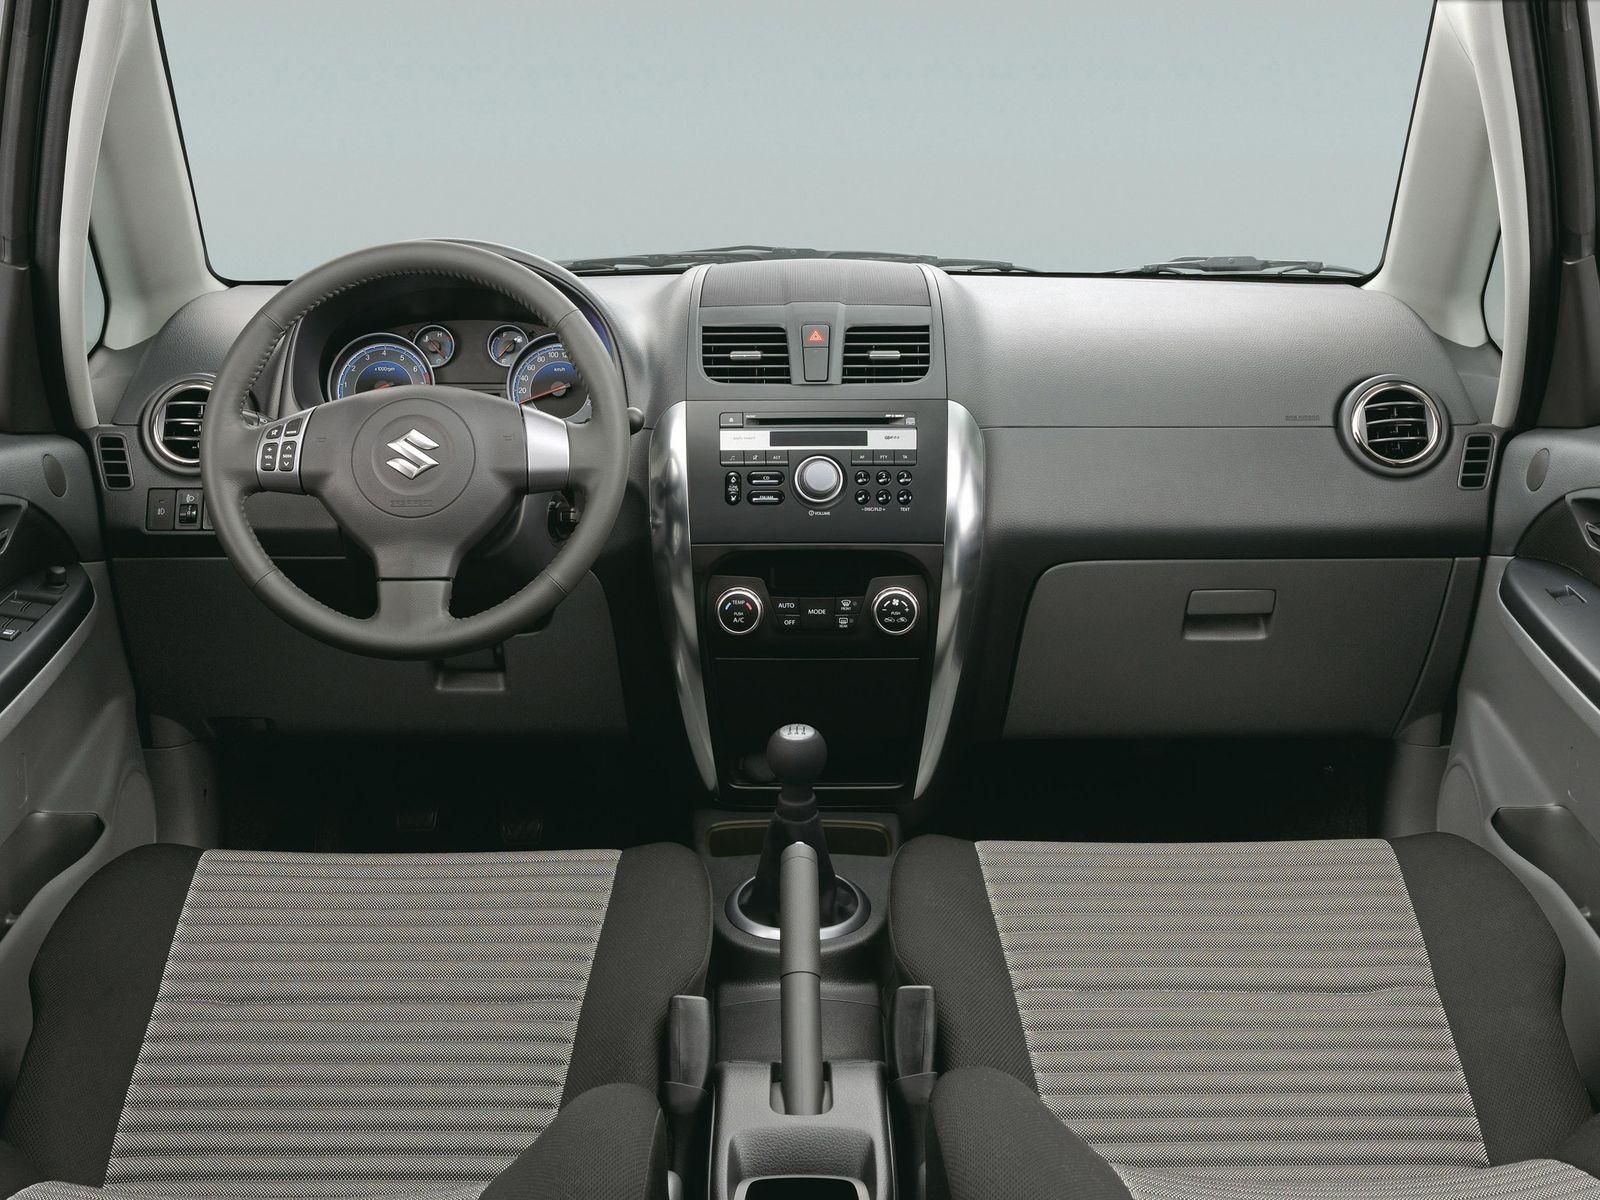 Минимум габаритов, максимум простоты: стоит ли покупать Suzuki SX4 I за 700 тысяч рублей